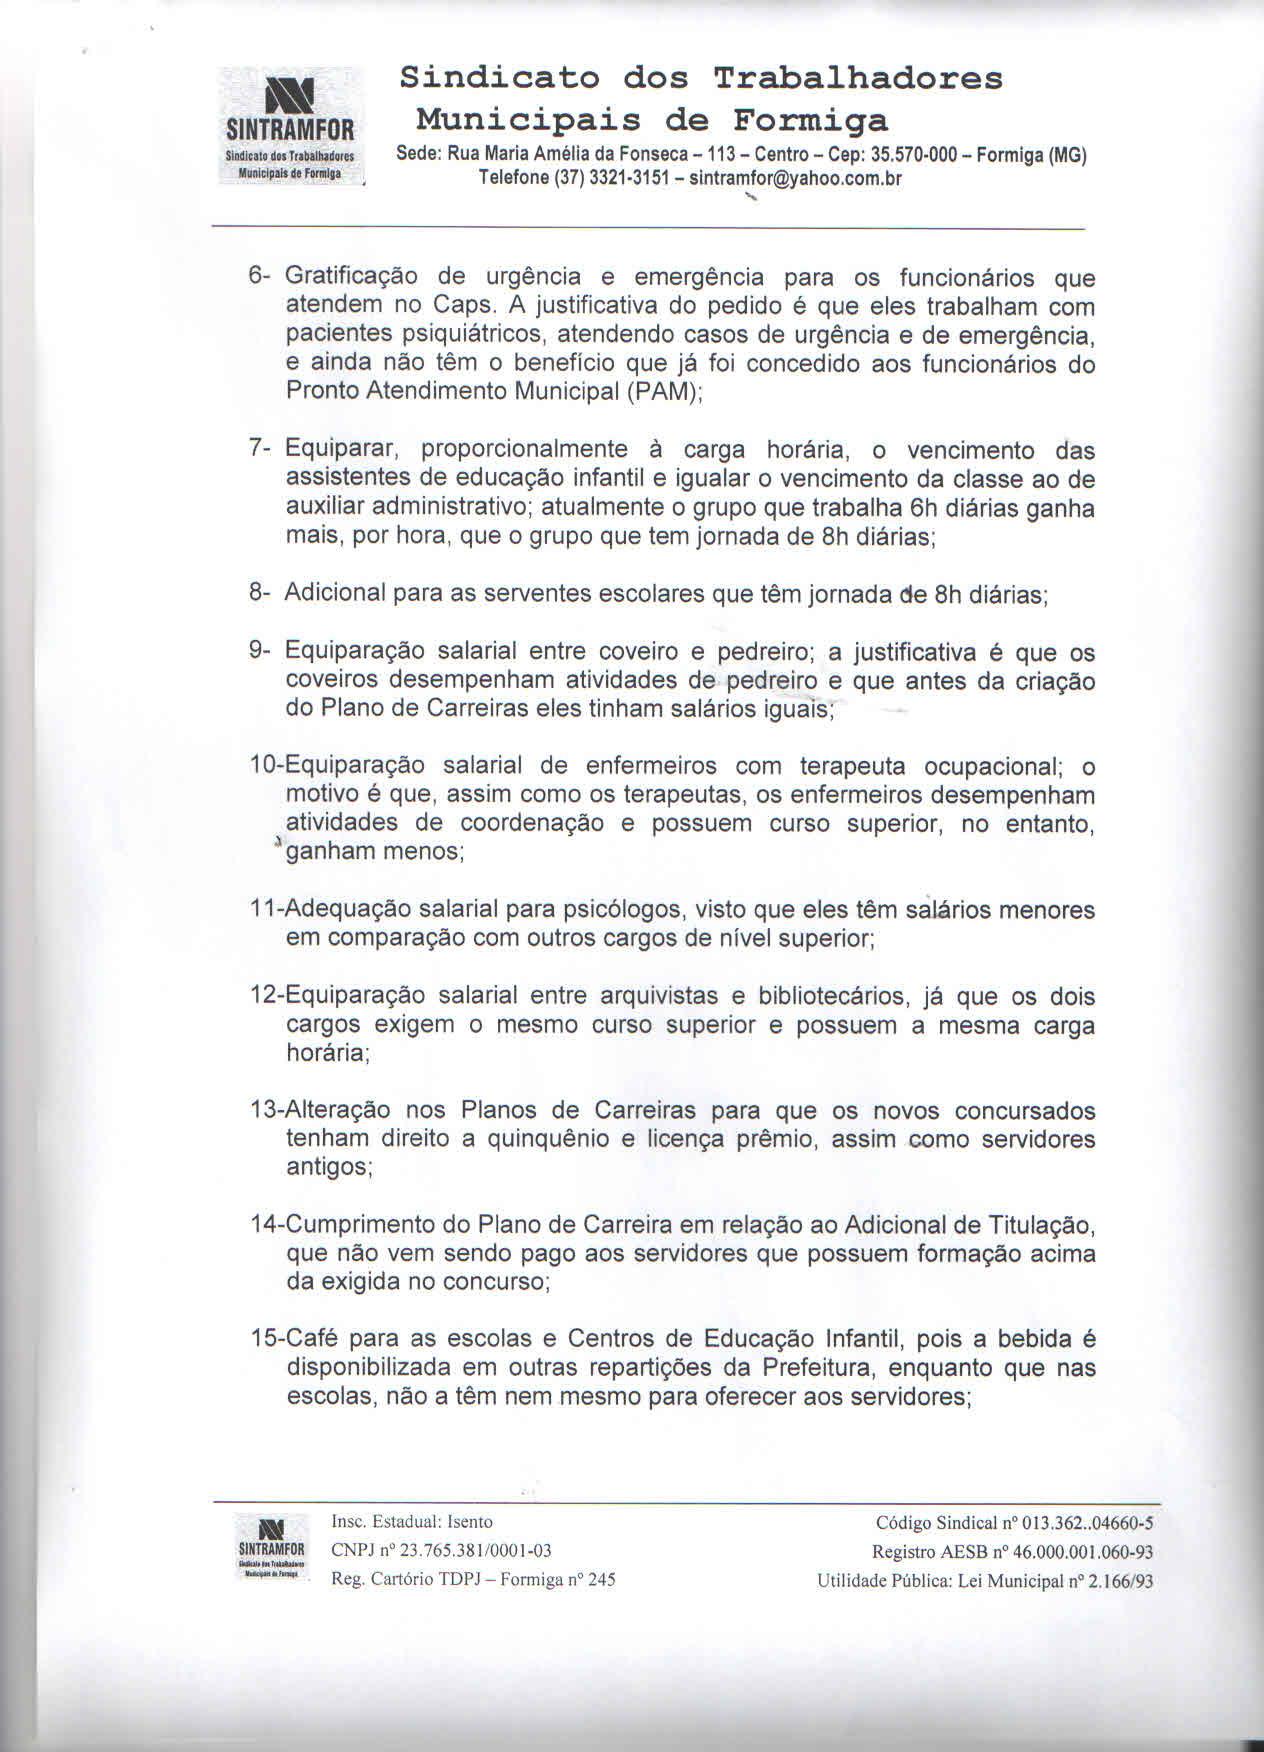 pauta 2014(pag 1)1